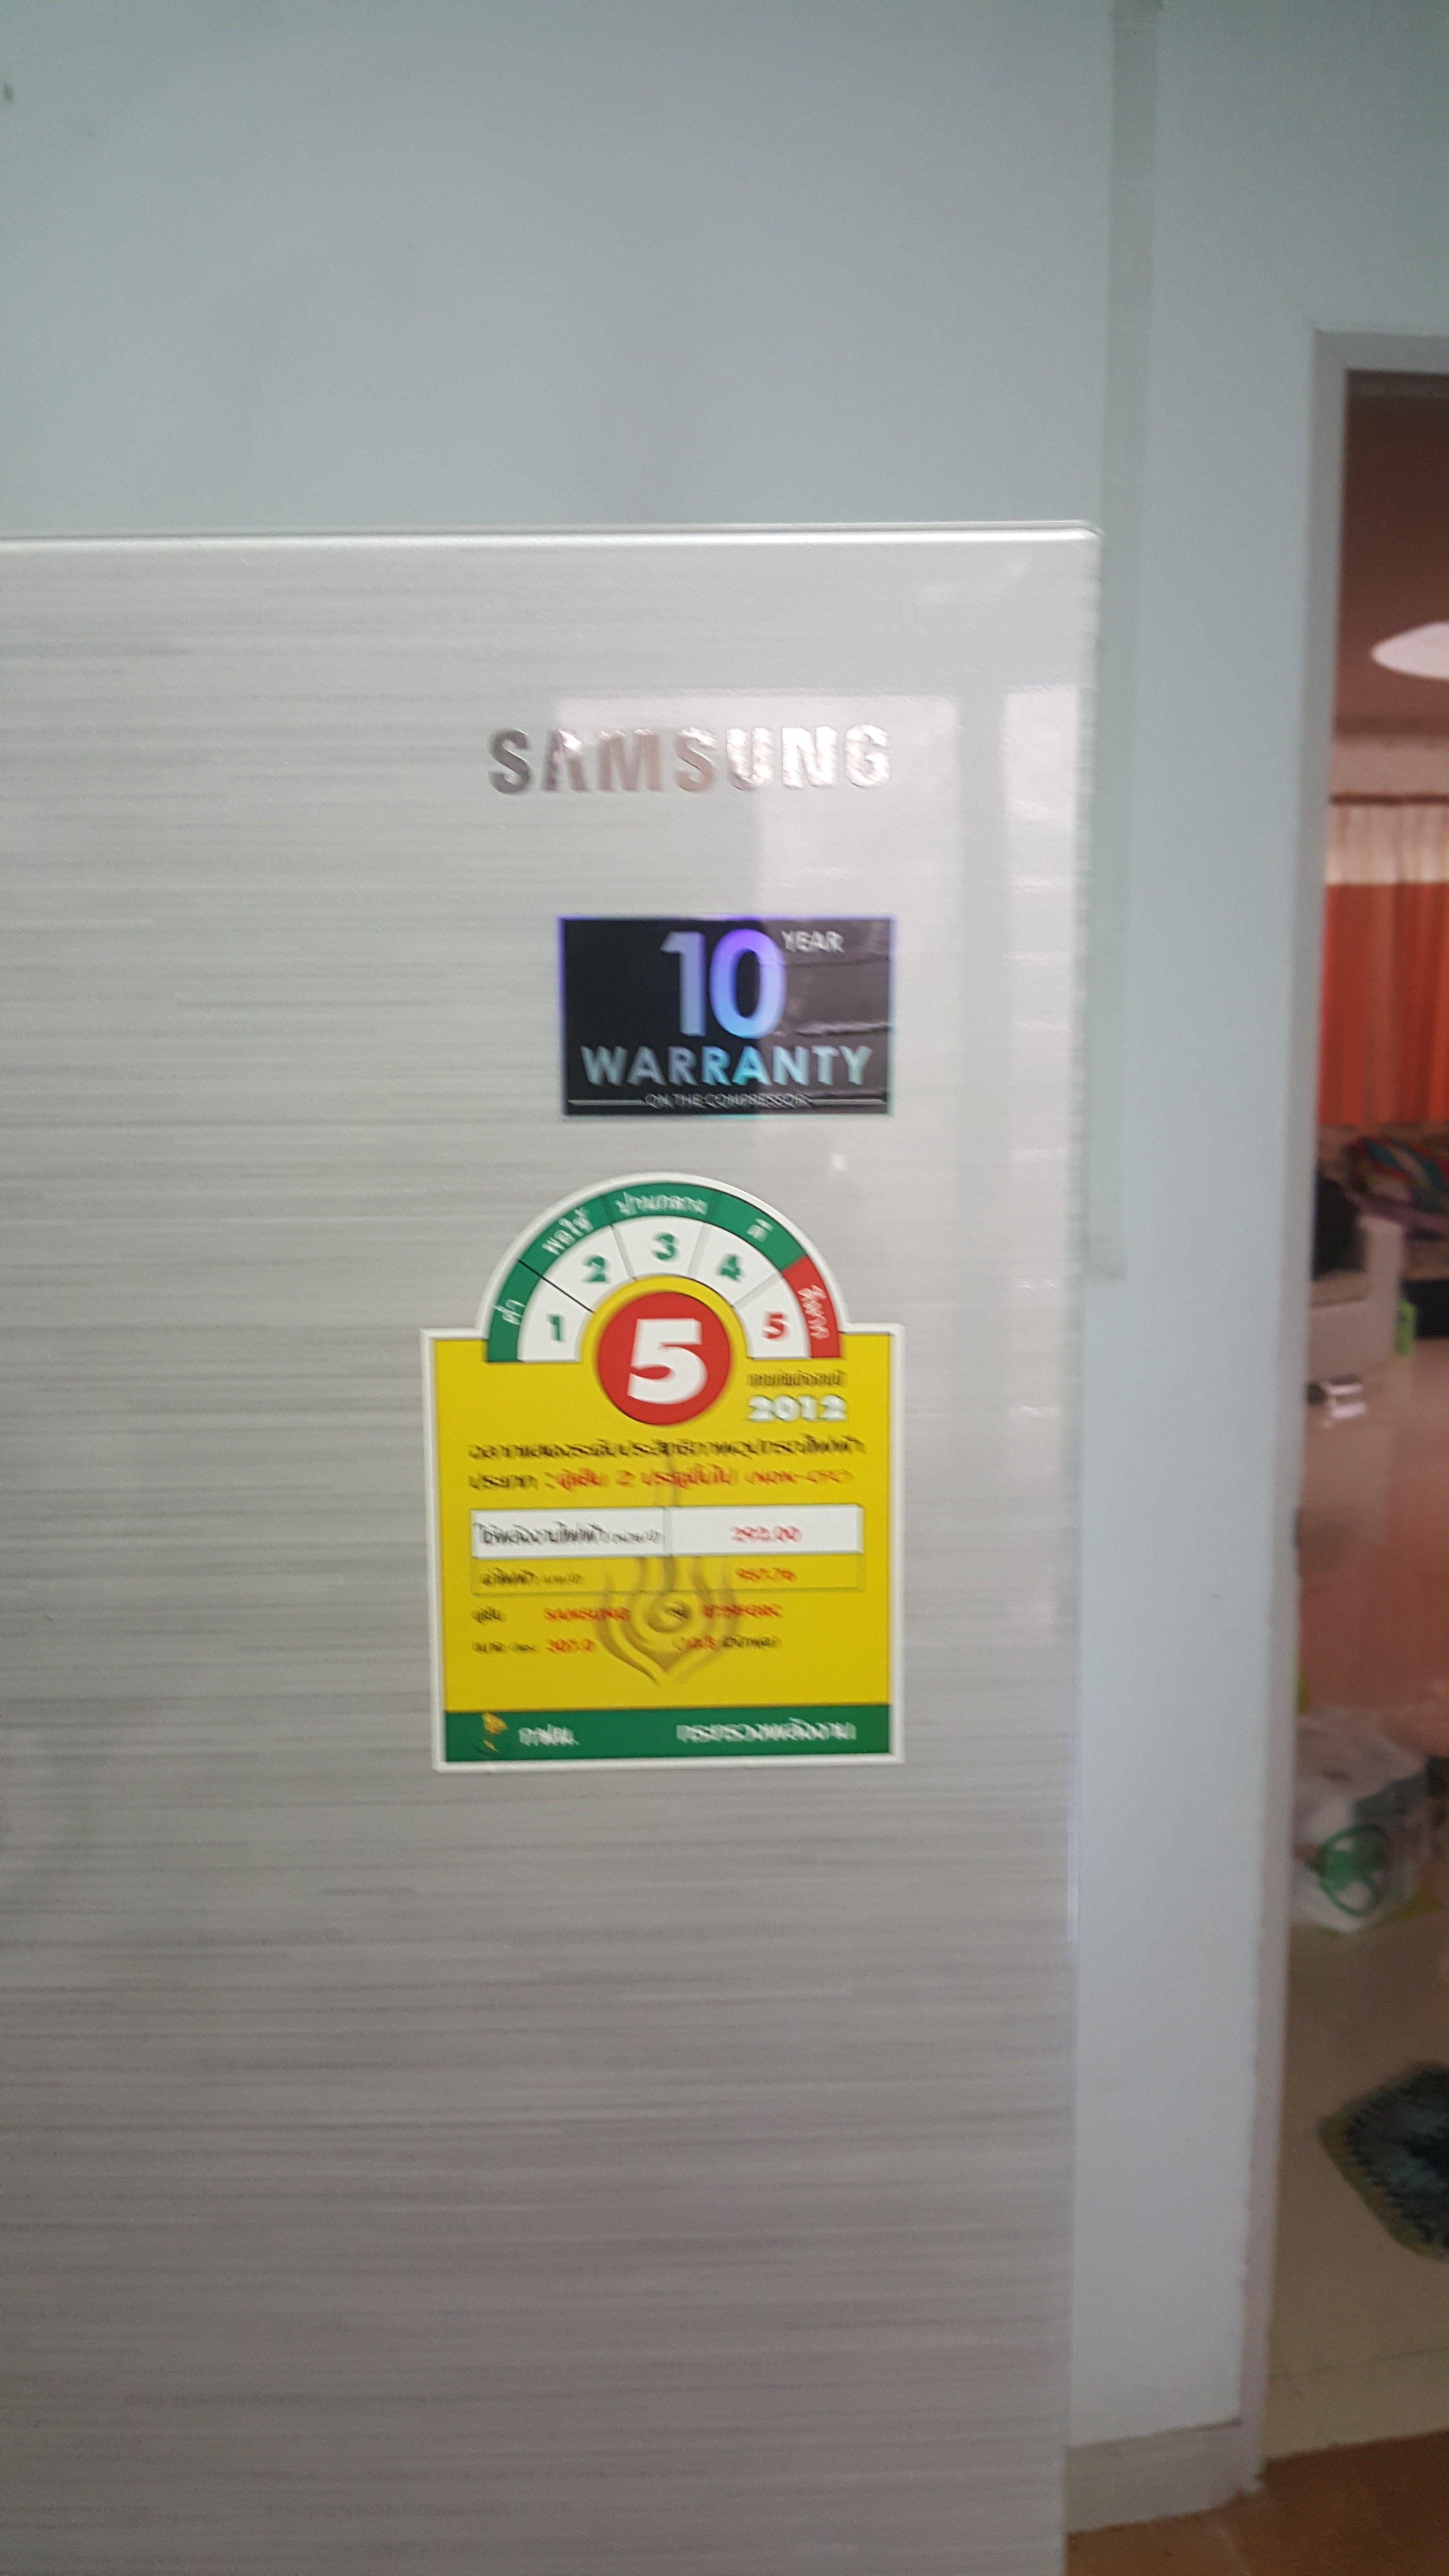 Samsung Refrigerator not working  Main board error codes needed